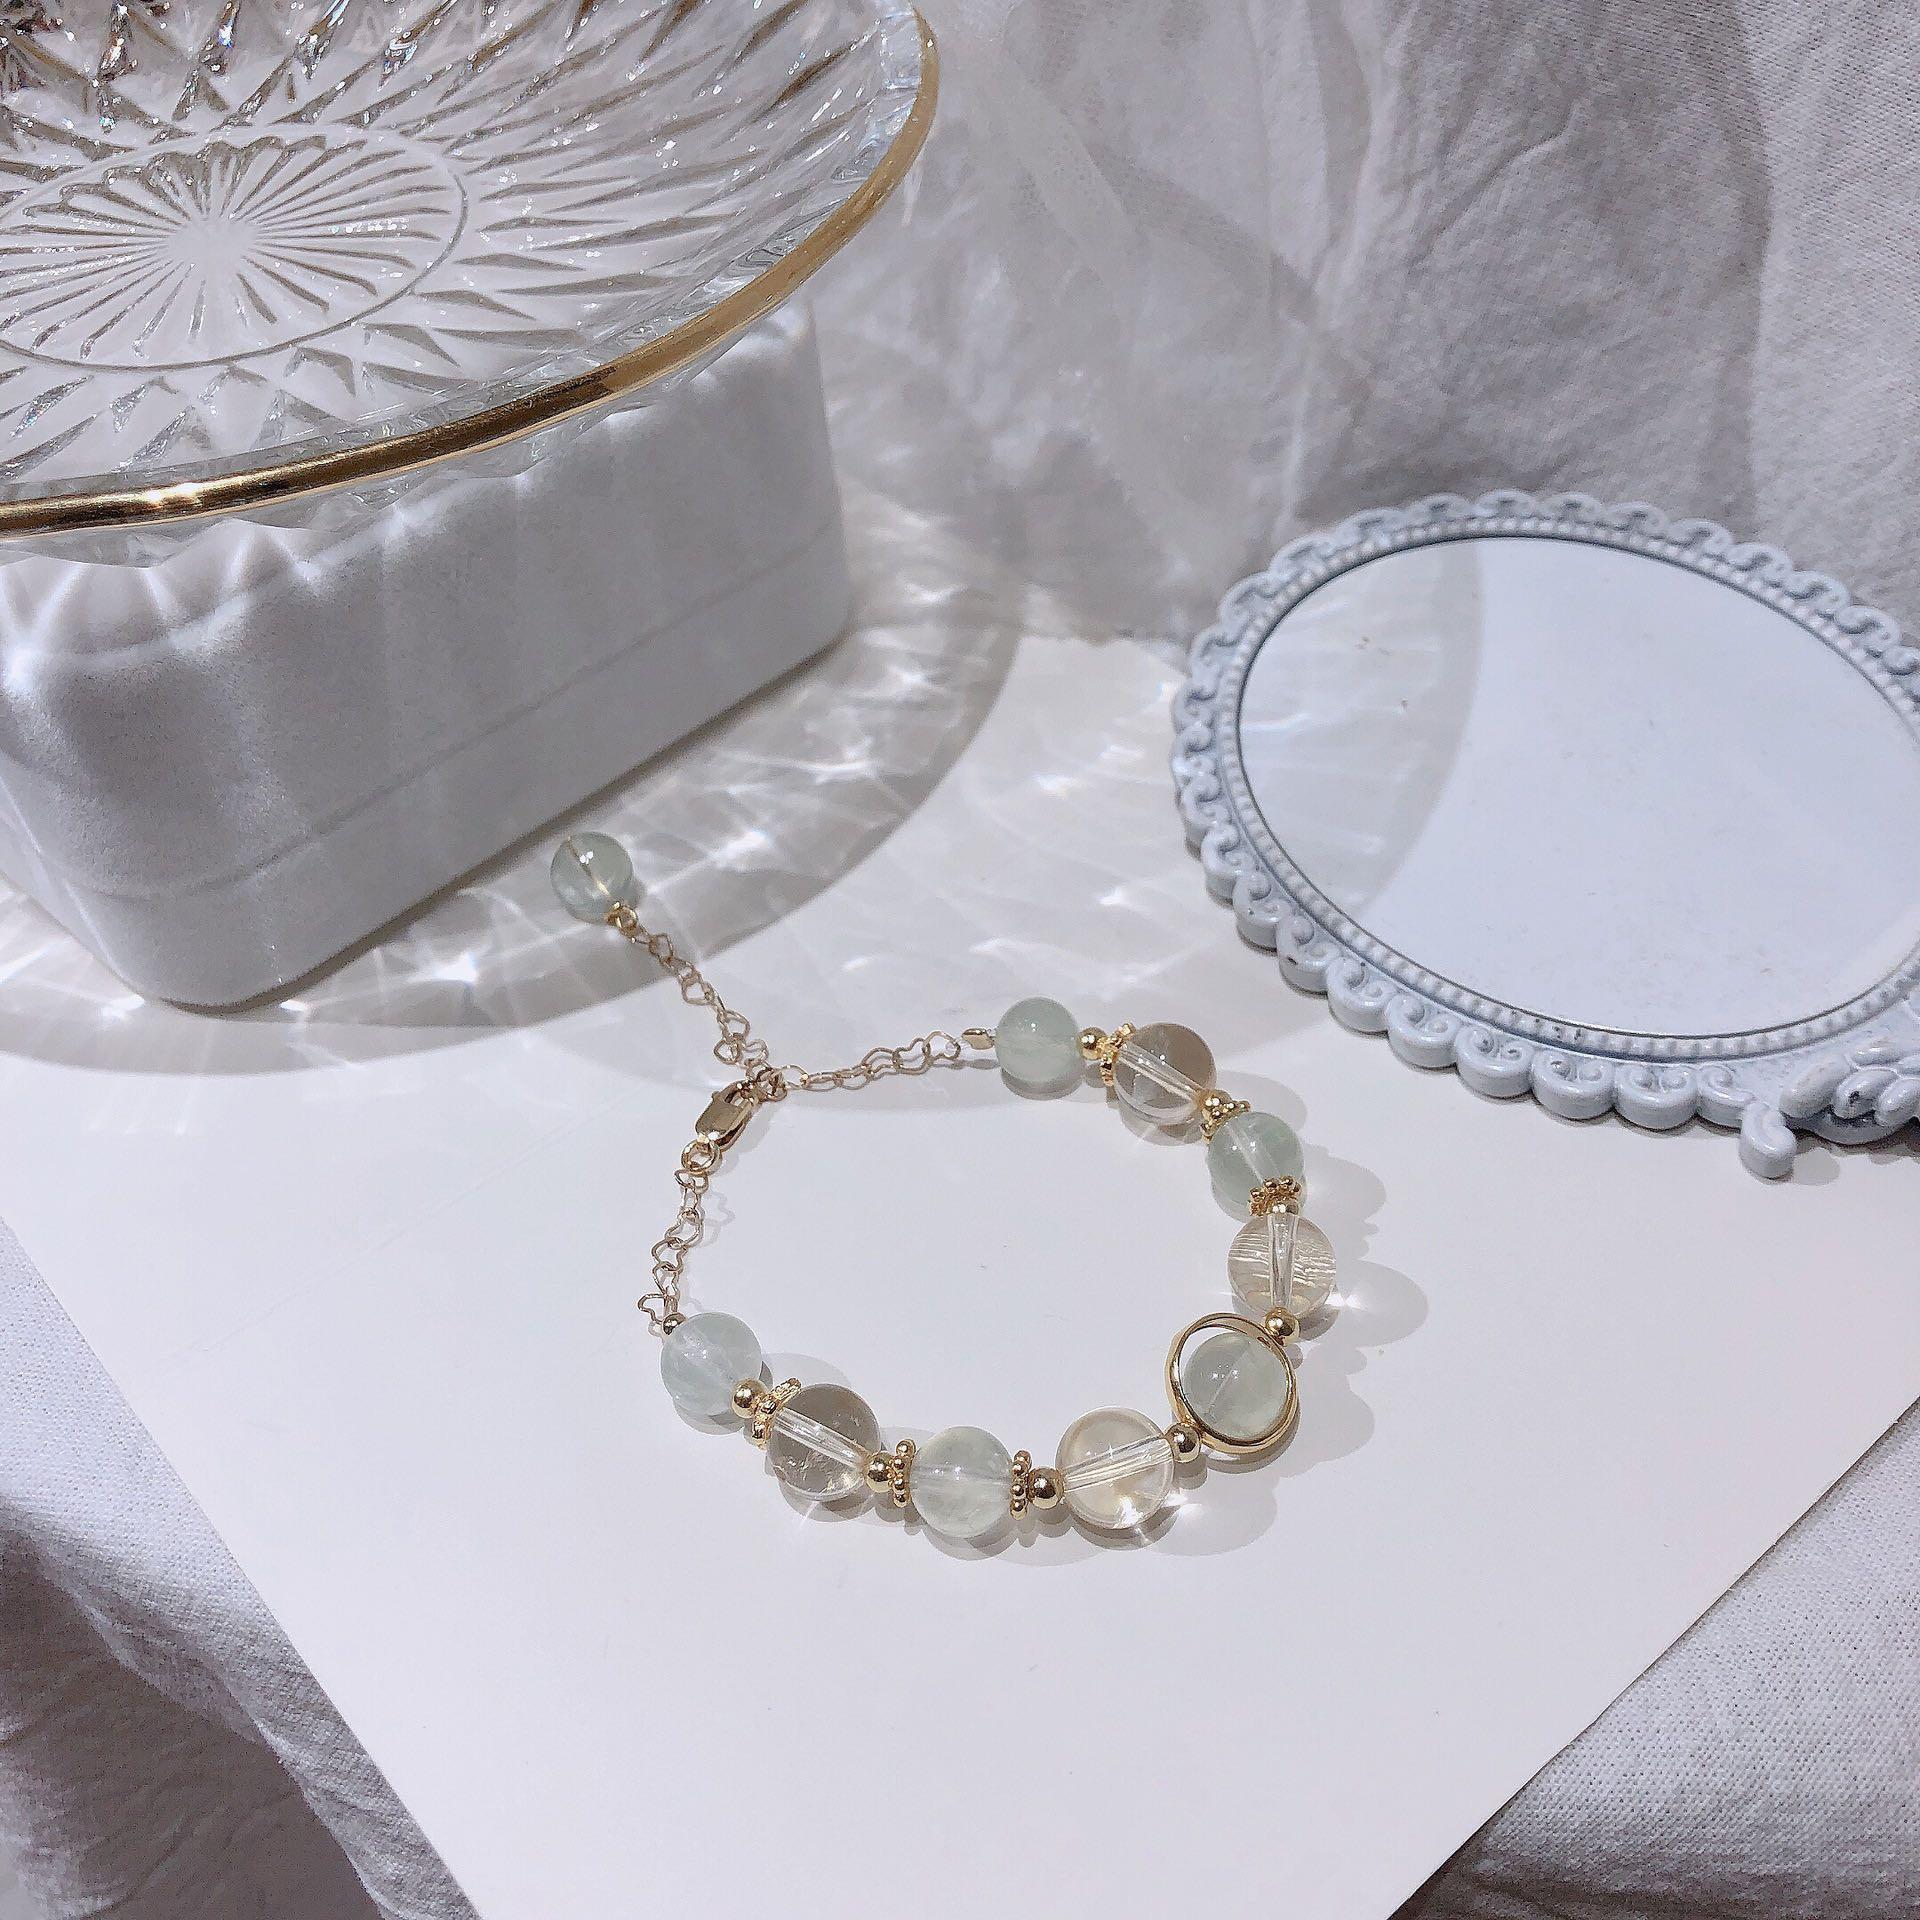 Hot selling 14K package Golden Topaz grapevine Bracelet grapevine simple hand string gift